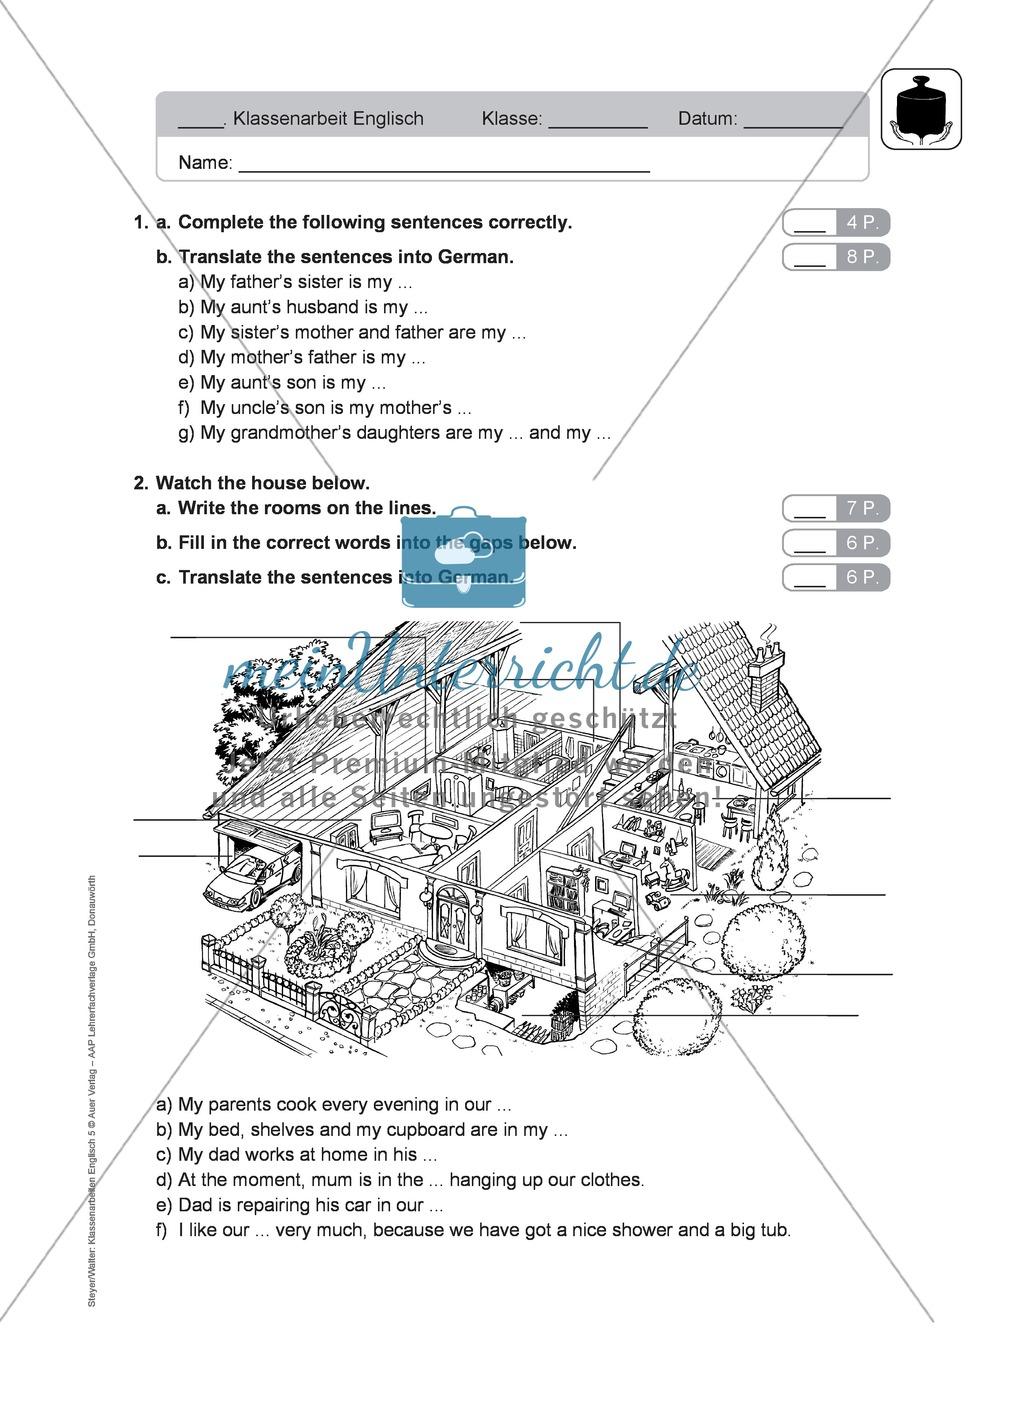 Klassenarbeit At home - schwer (1) - mit Lösungen Preview 1